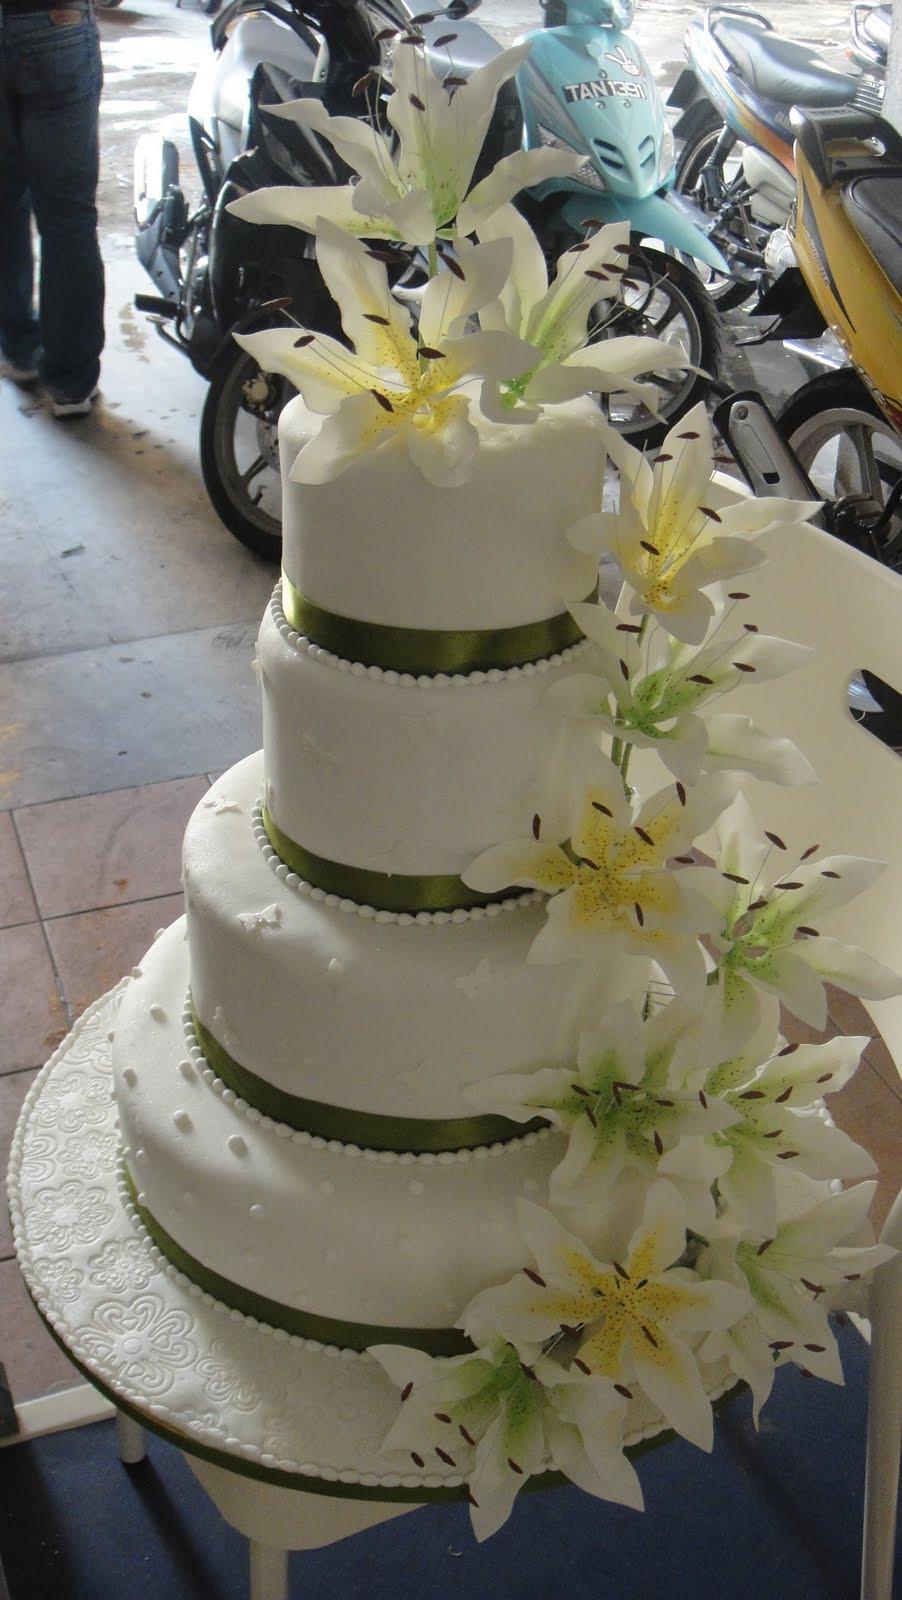 Sugarcraft Flowers Wedding Cakes  Cake Expressions & Sugarcraft SIMPLE WEDDING CAKE